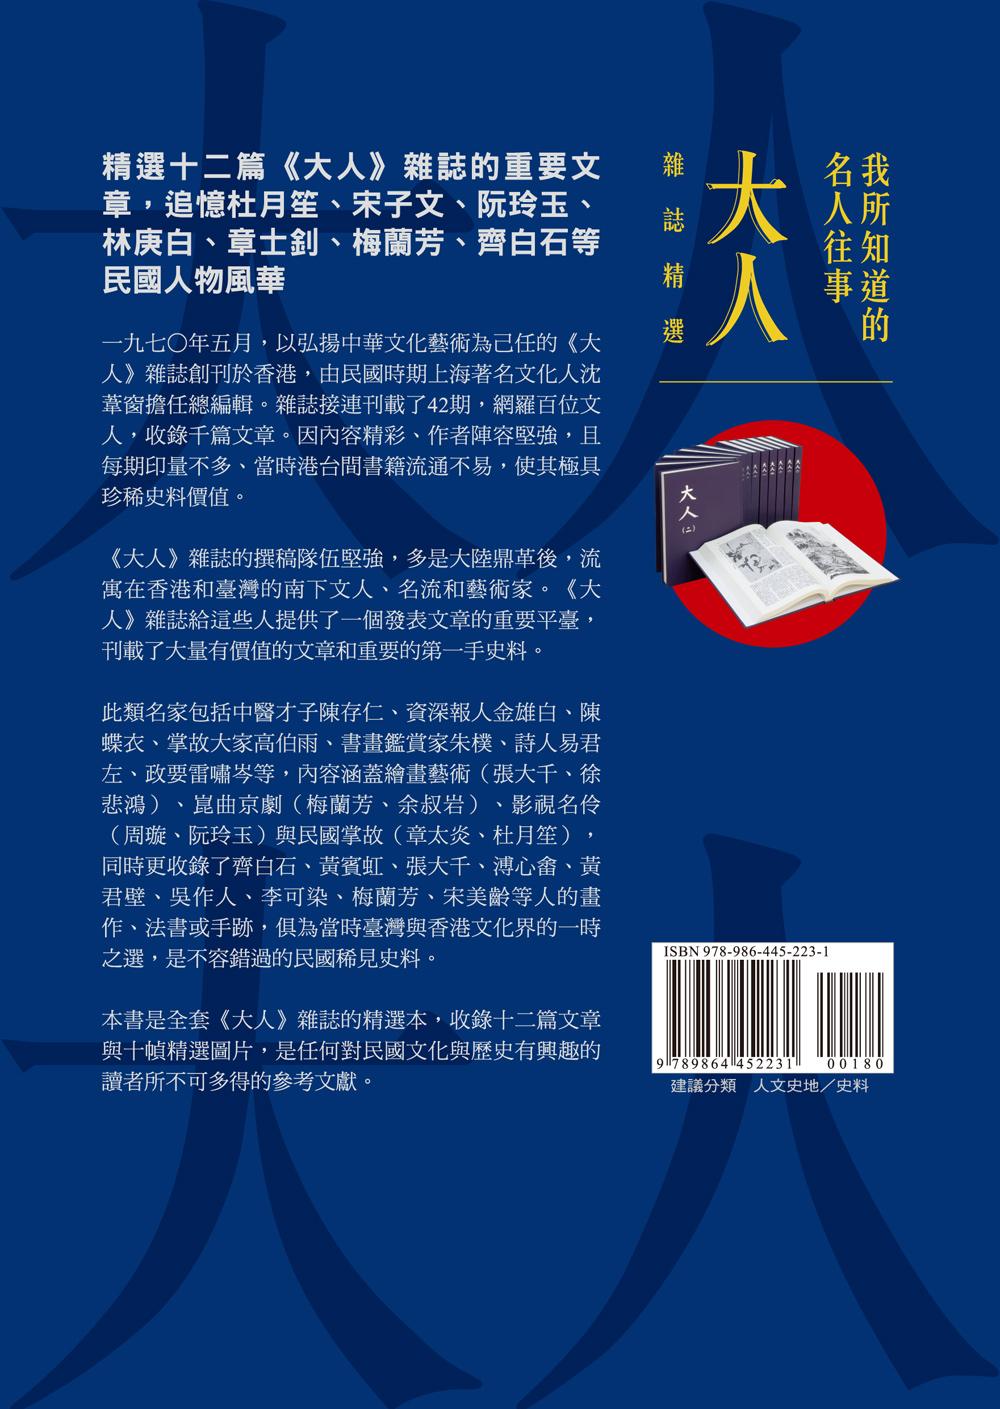 http://im2.book.com.tw/image/getImage?i=http://www.books.com.tw/img/001/076/39/0010763959_bf_01.jpg&v=59a7f361&w=655&h=609